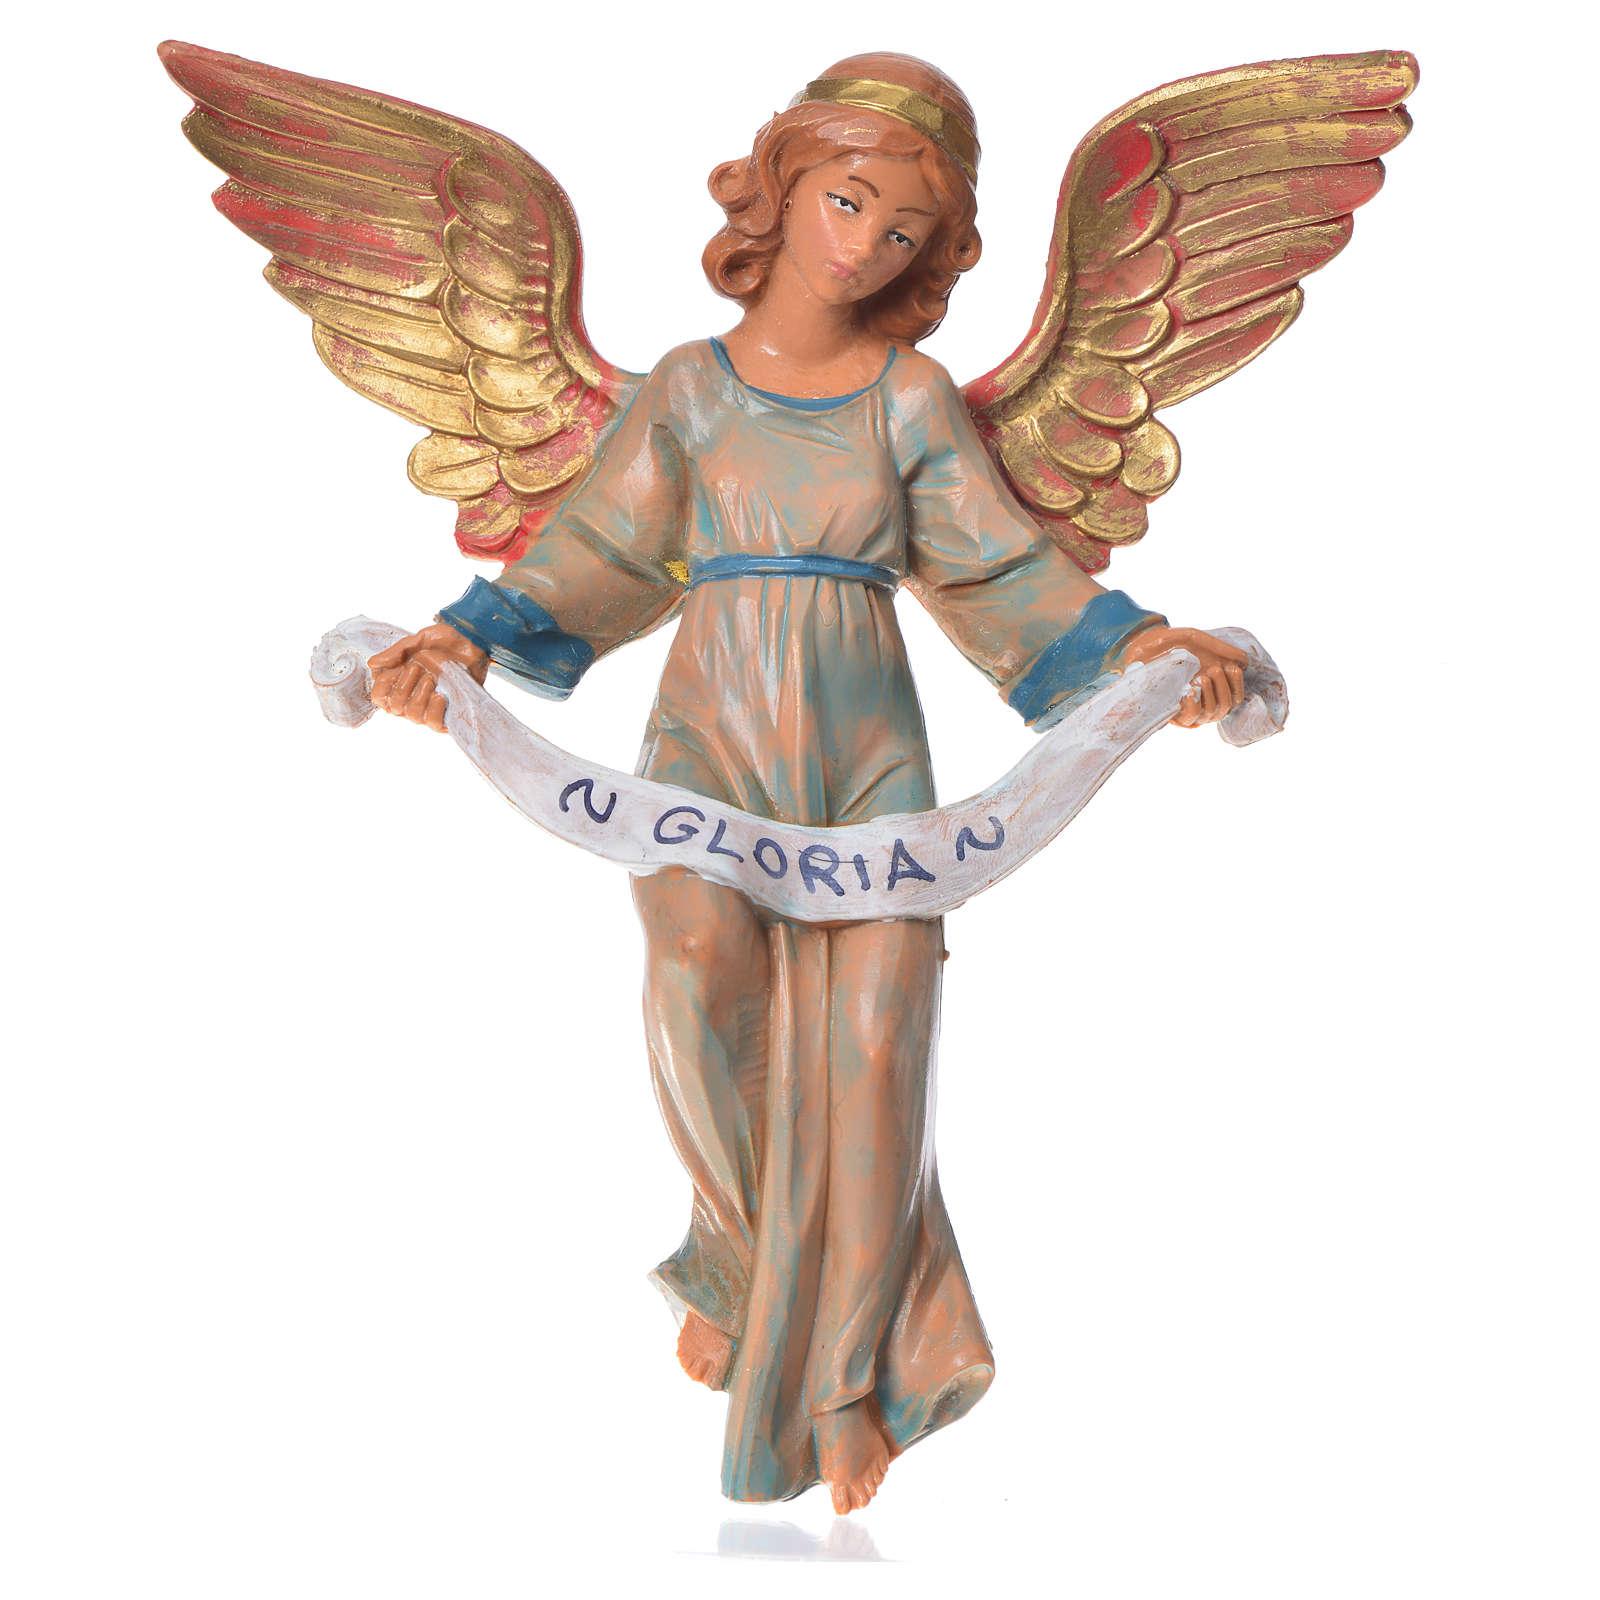 Anioł Gloria 17 cm Fontanini szata zielona 3